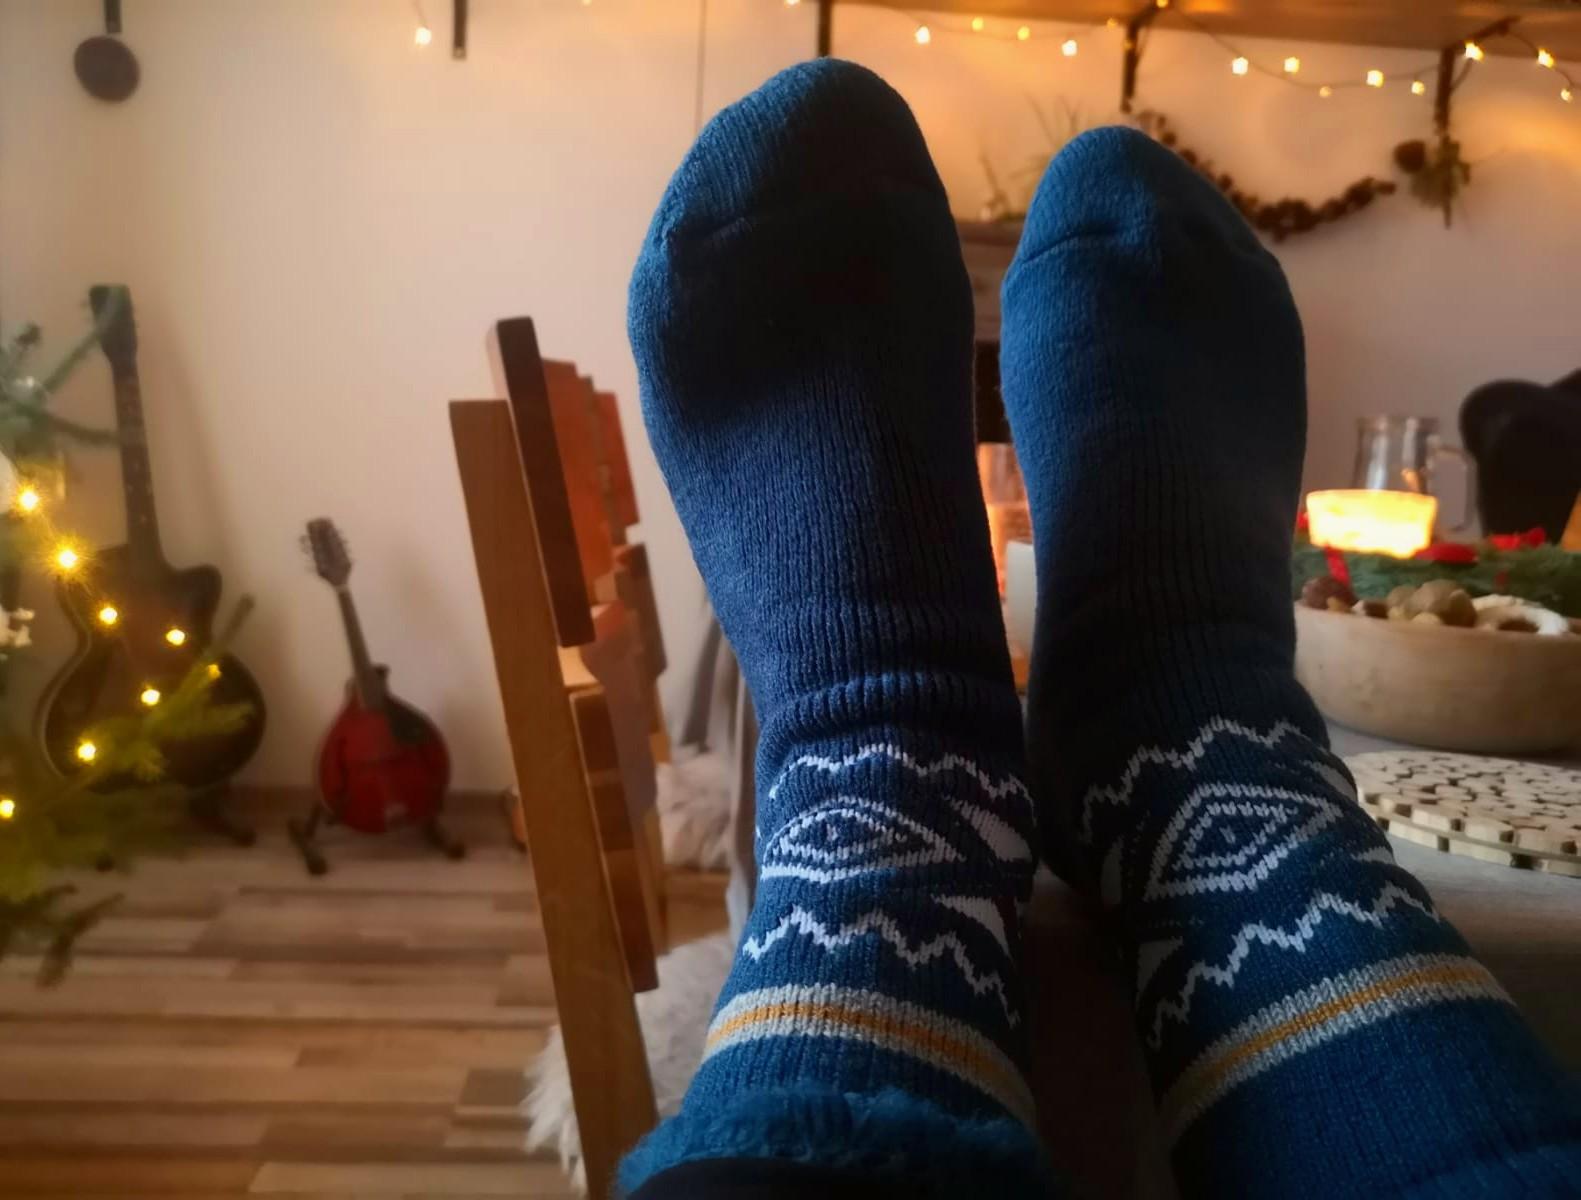 Pletené ponožky jsou vhodné do chladných měsíců nebo jako měkká domácí obuv